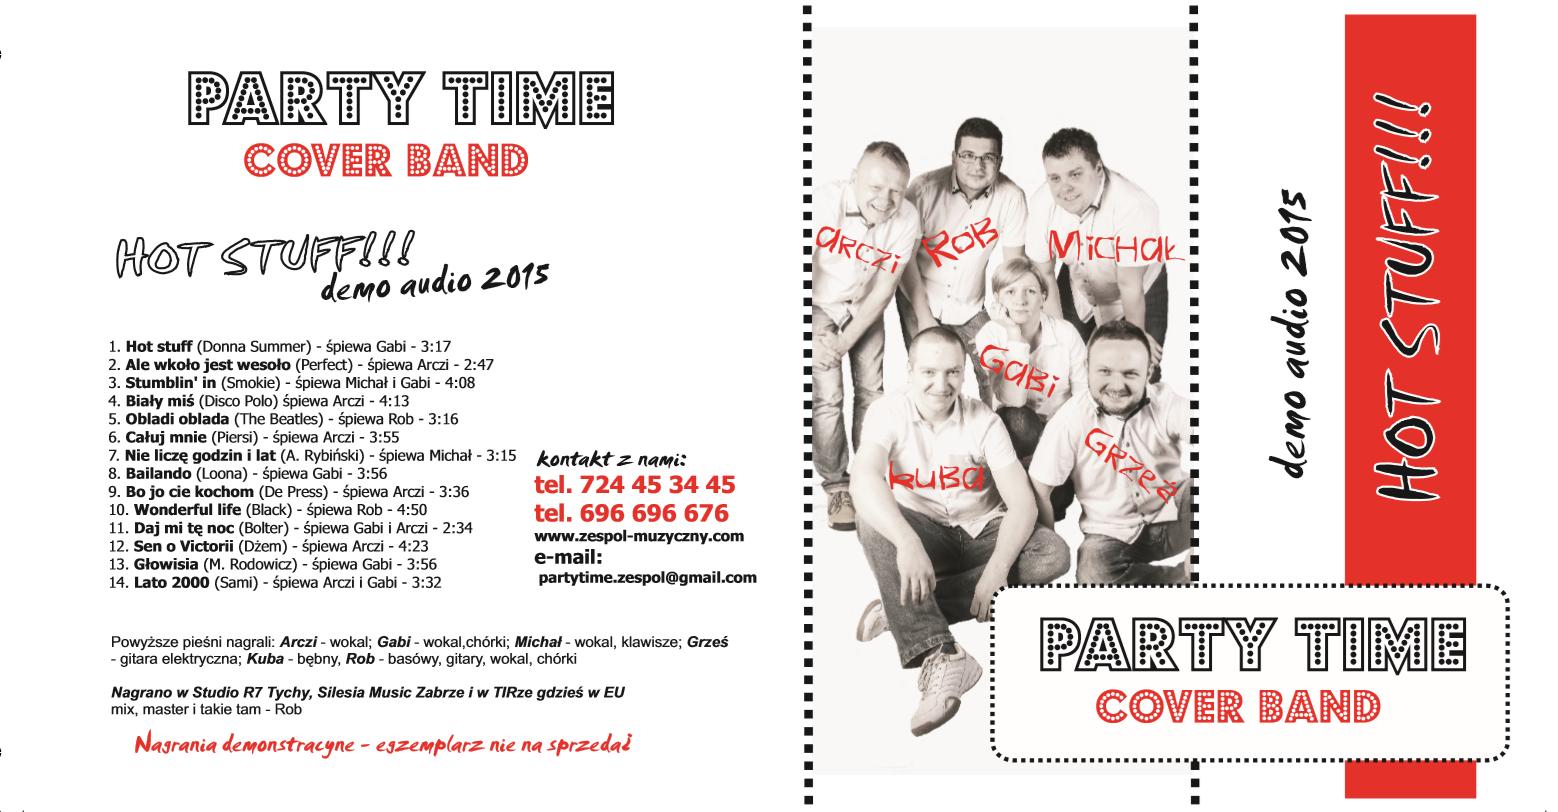 Okładka Pierwszej Płyty Party Time Cover Band